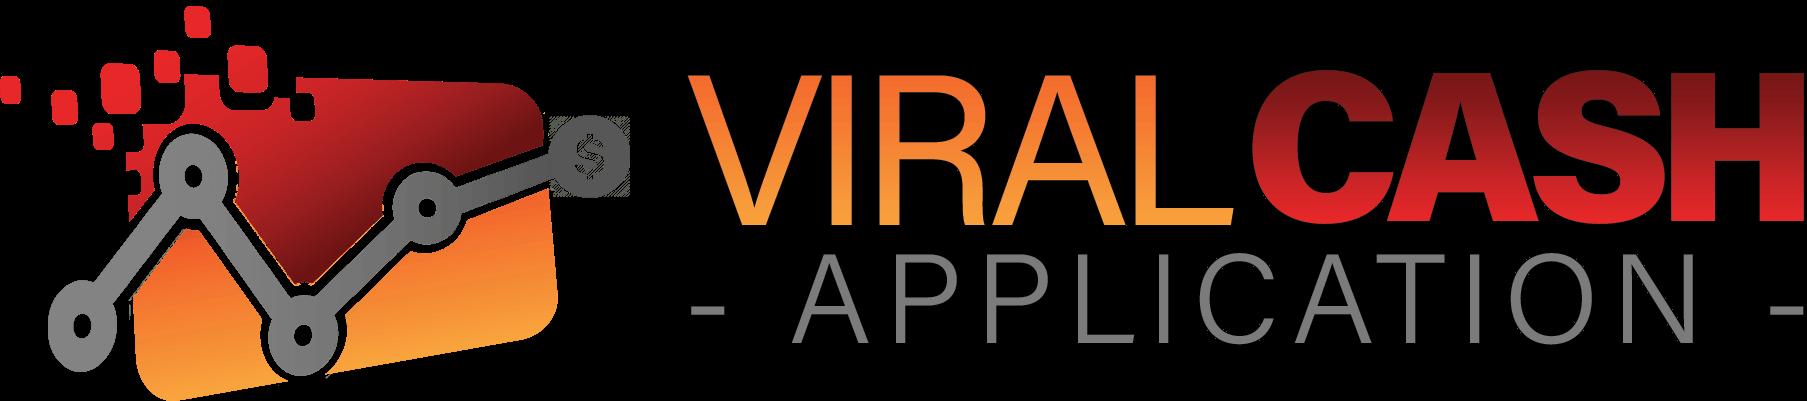 viral cash app